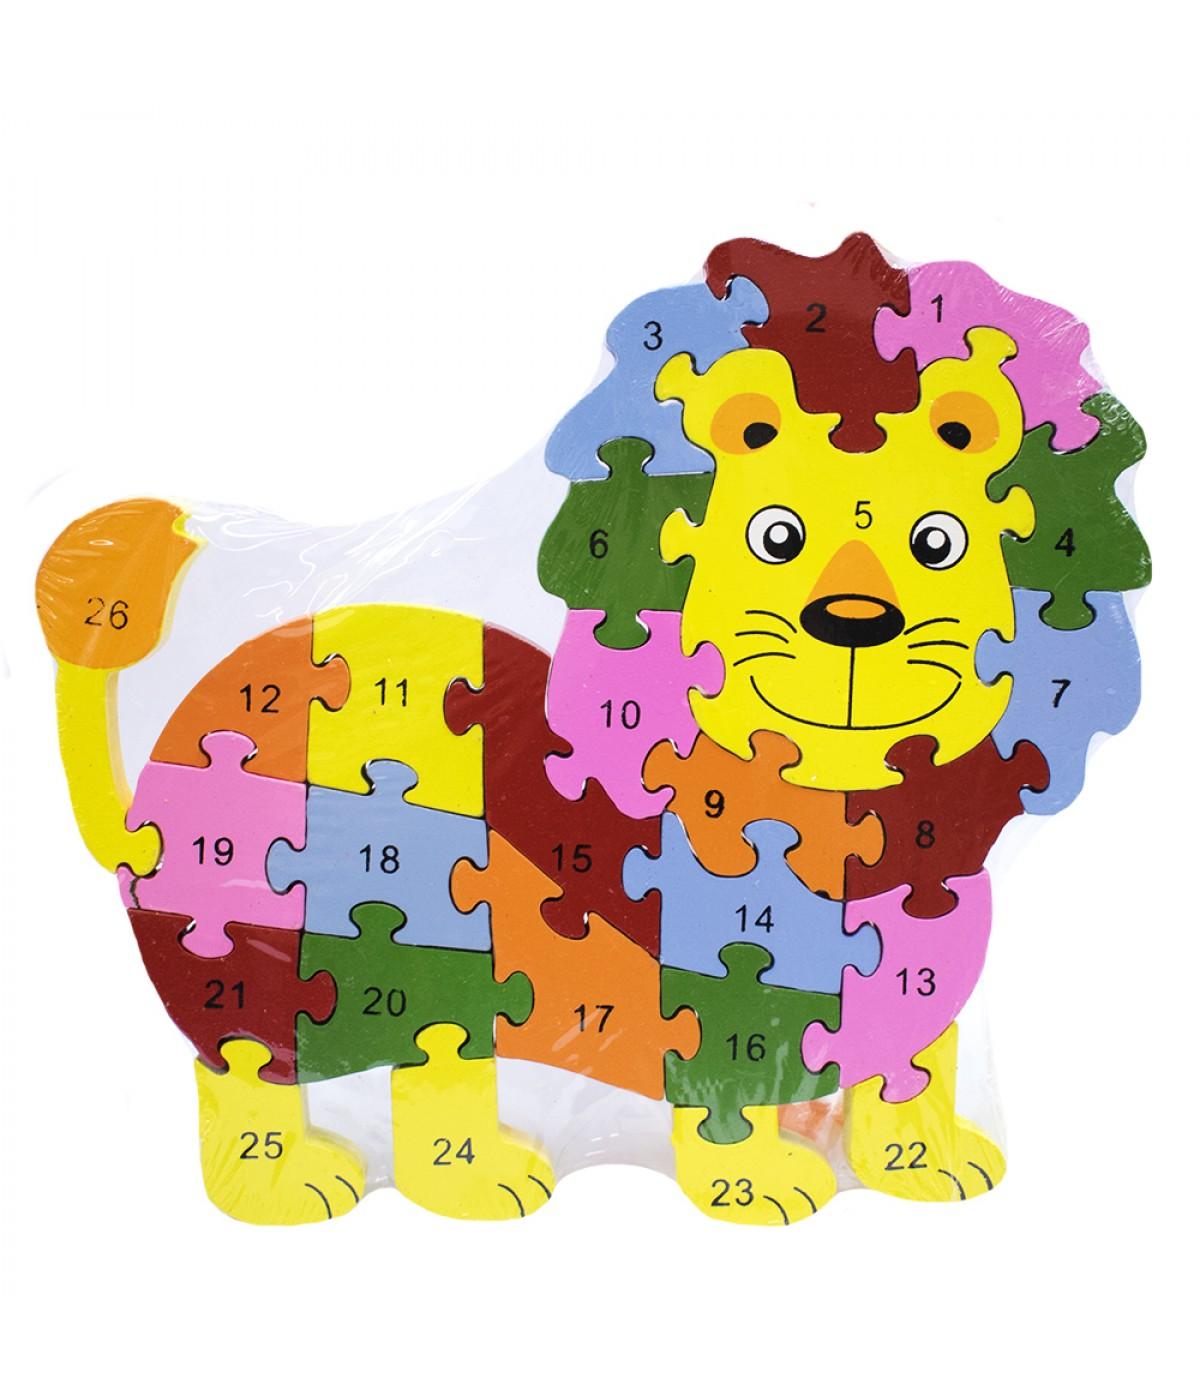 Quebra-cabeça leão colorido 26 peças 21.5x23.5cm